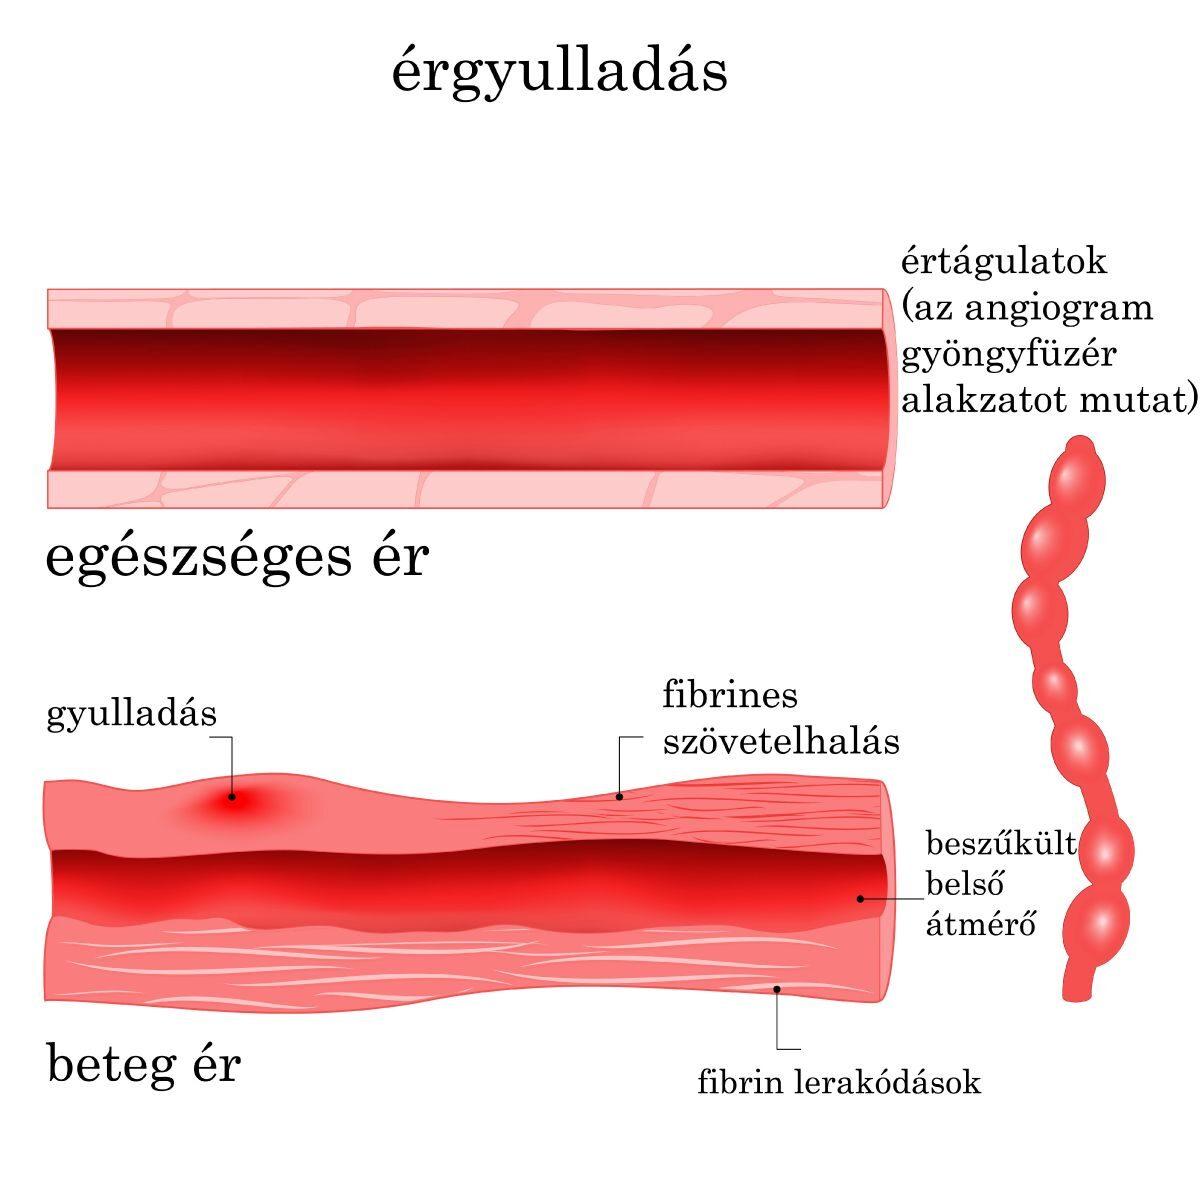 hipertónia gyermekeknél tünetek a karok és a lábak remegése magas vérnyomásban